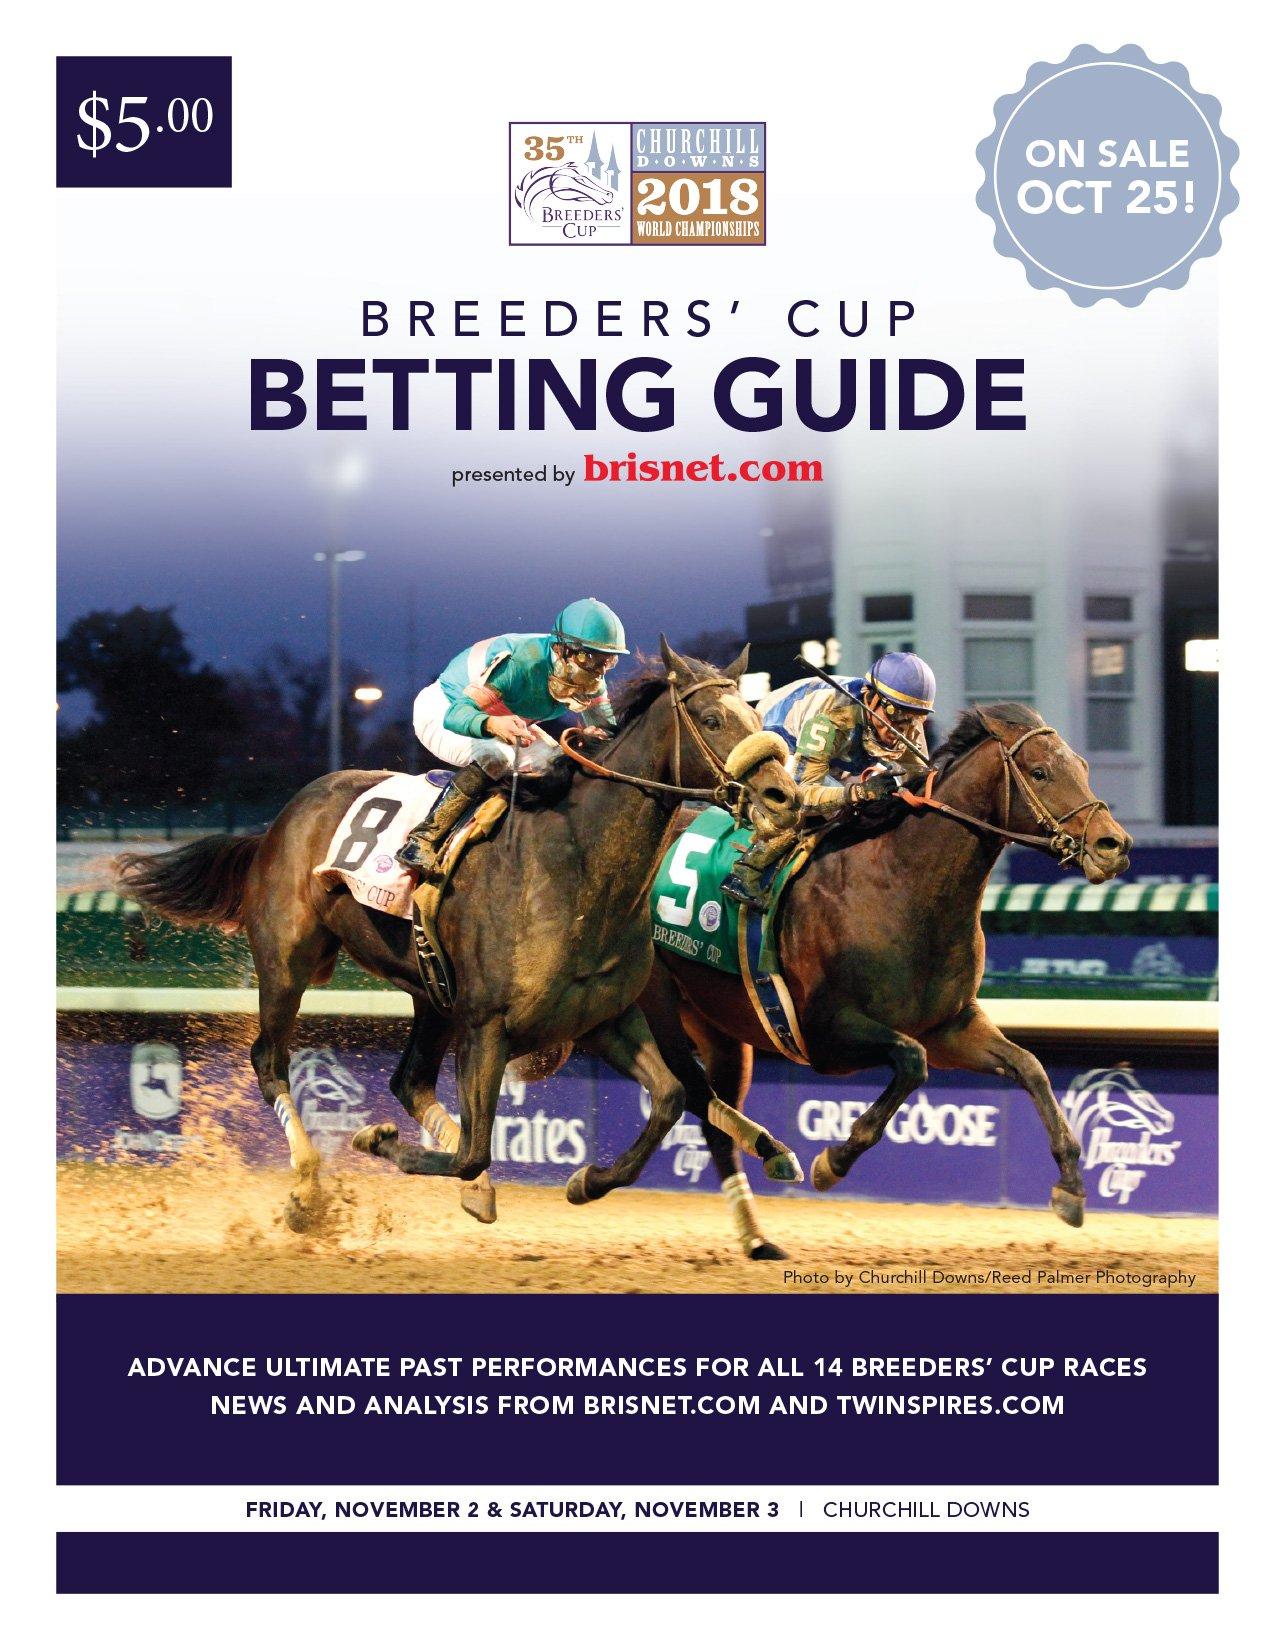 Brisnet horse racing betting ladbrokes uk betting